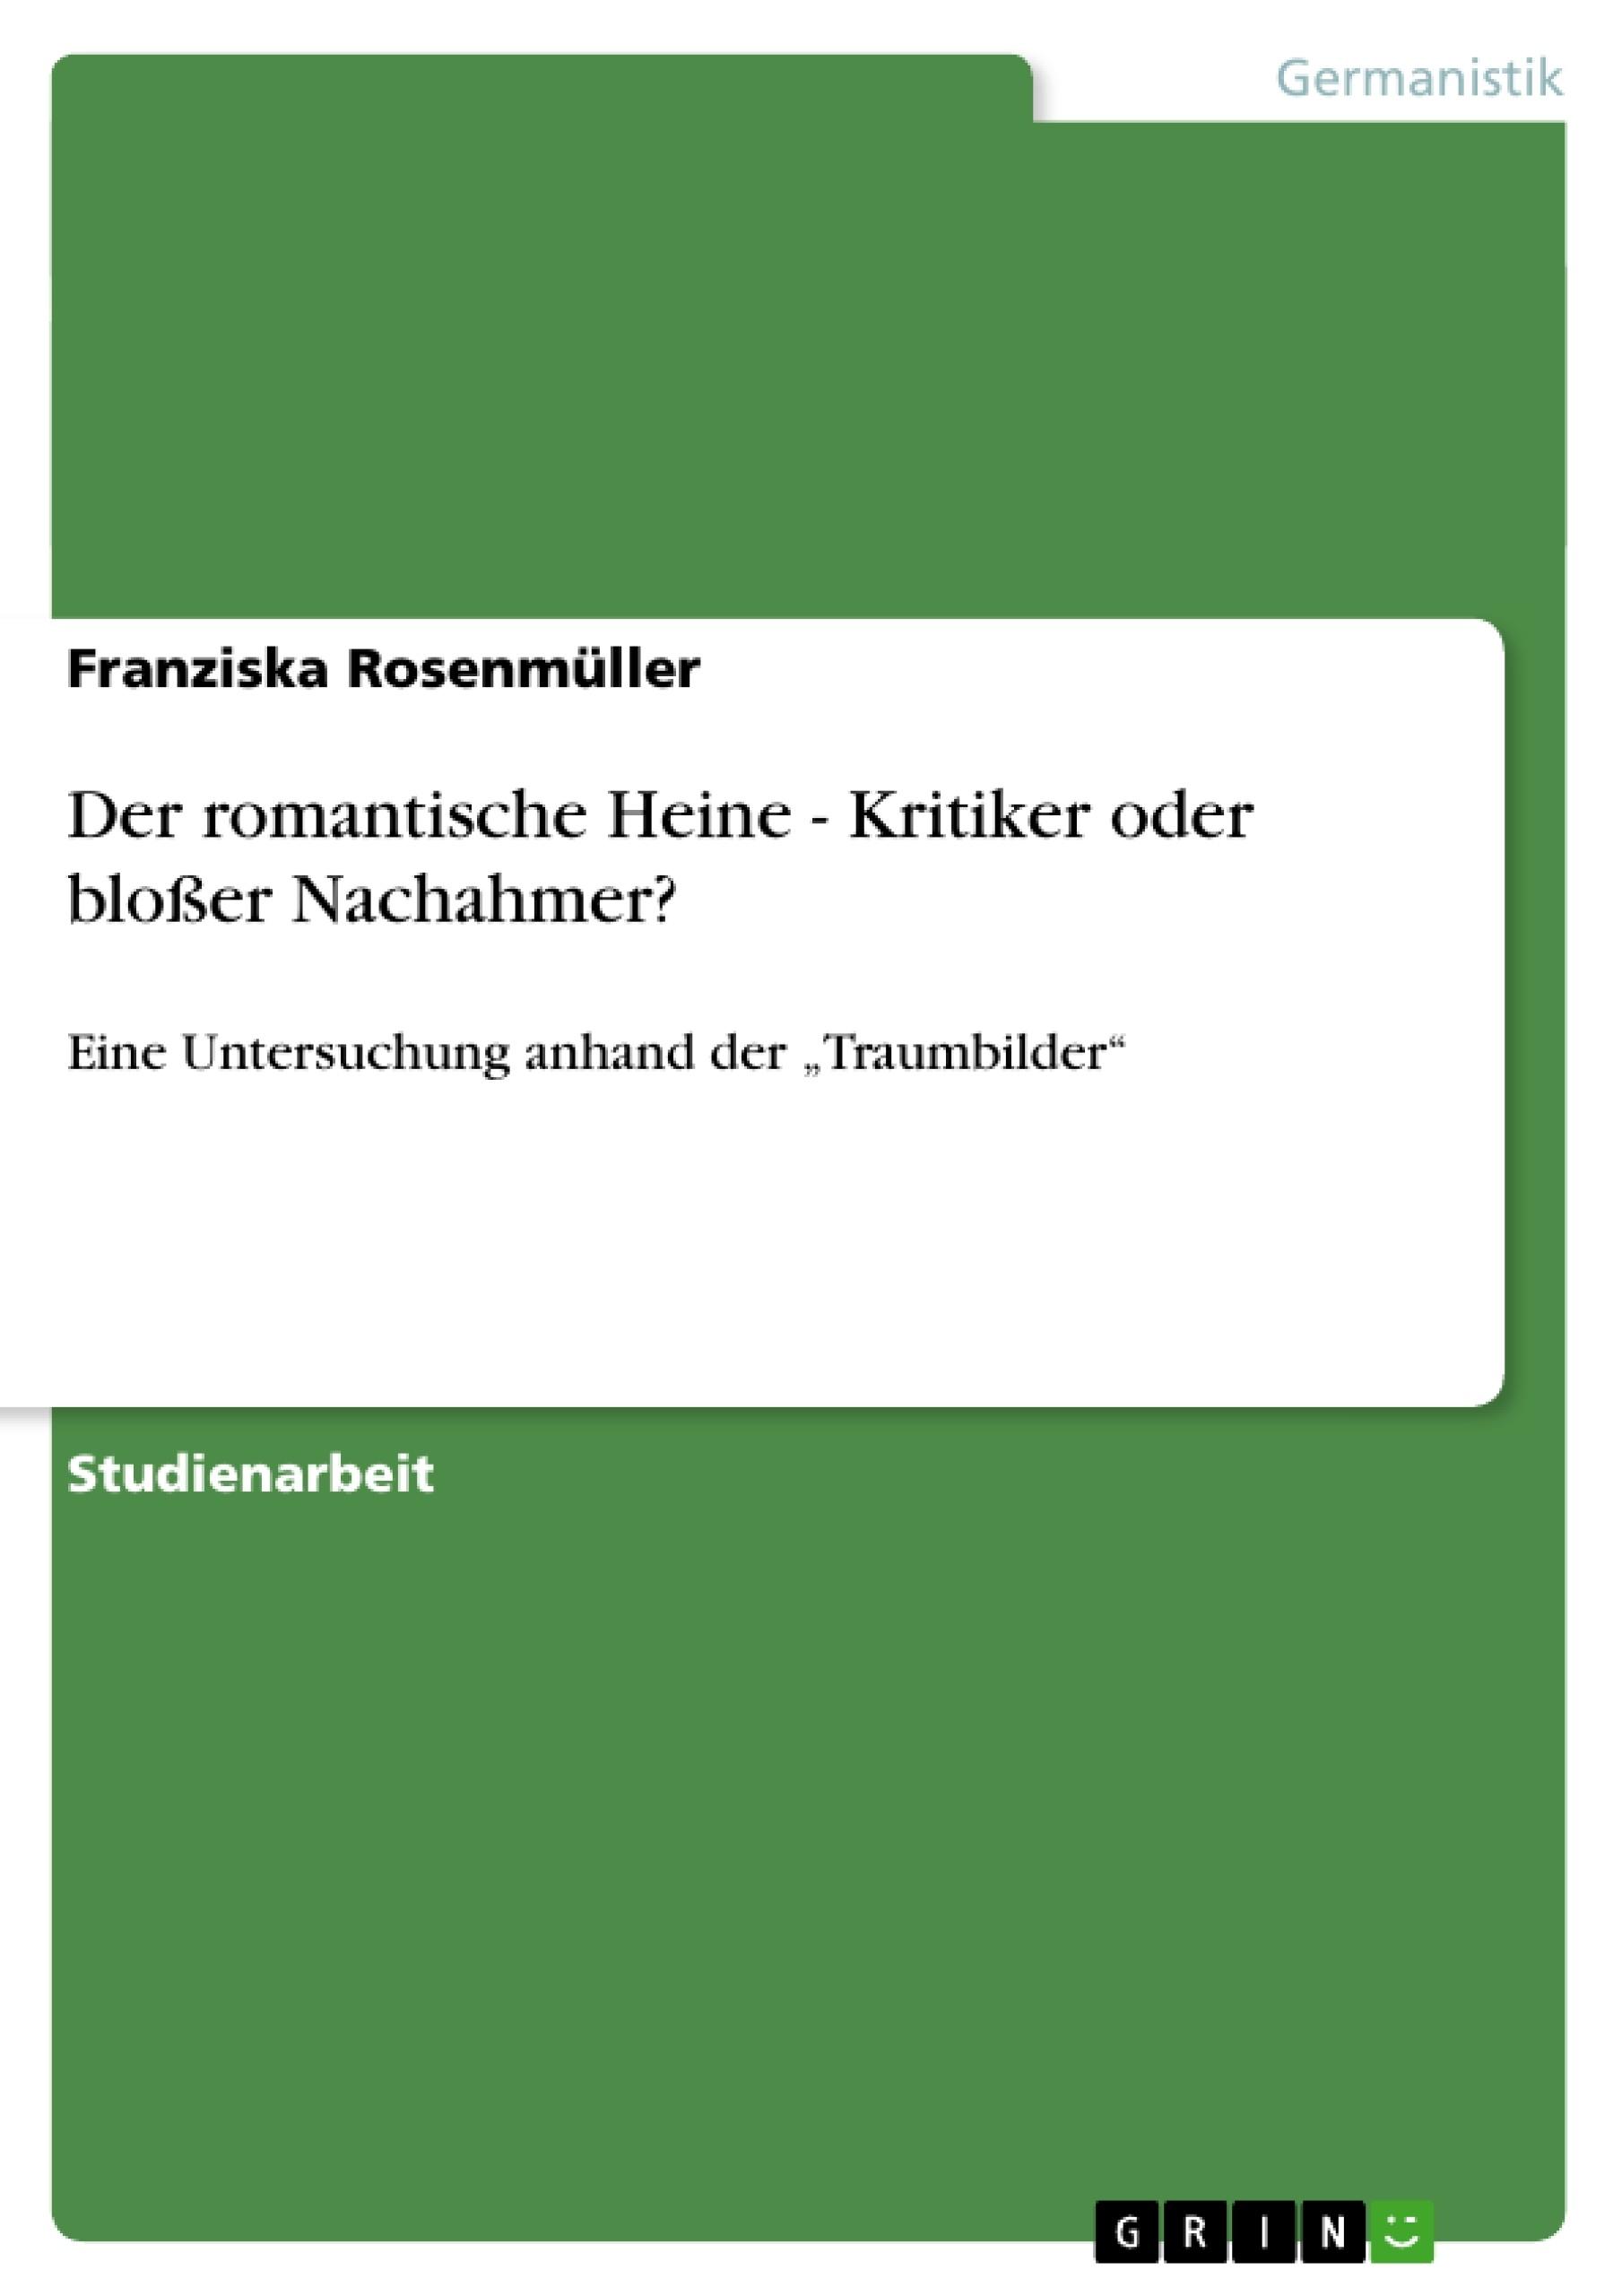 Titel: Der romantische Heine - Kritiker oder bloßer Nachahmer?